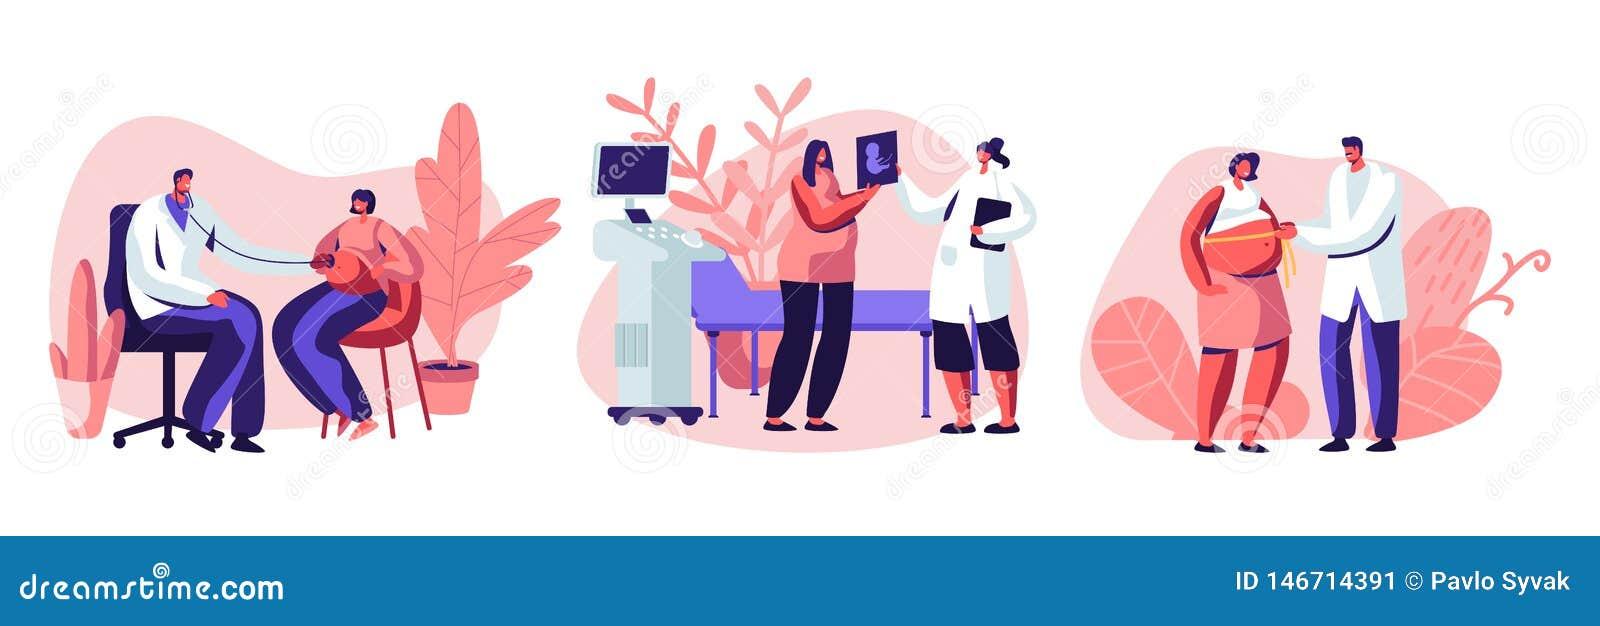 Έγκυοι θηλυκοί χαρακτήρες στο διορισμό γιατρών Ιατρικός έλεγχος επάνω, υπέρηχος, μετρώντας την κοιλιά, καρδιά μωρών ακούσματος Εγ